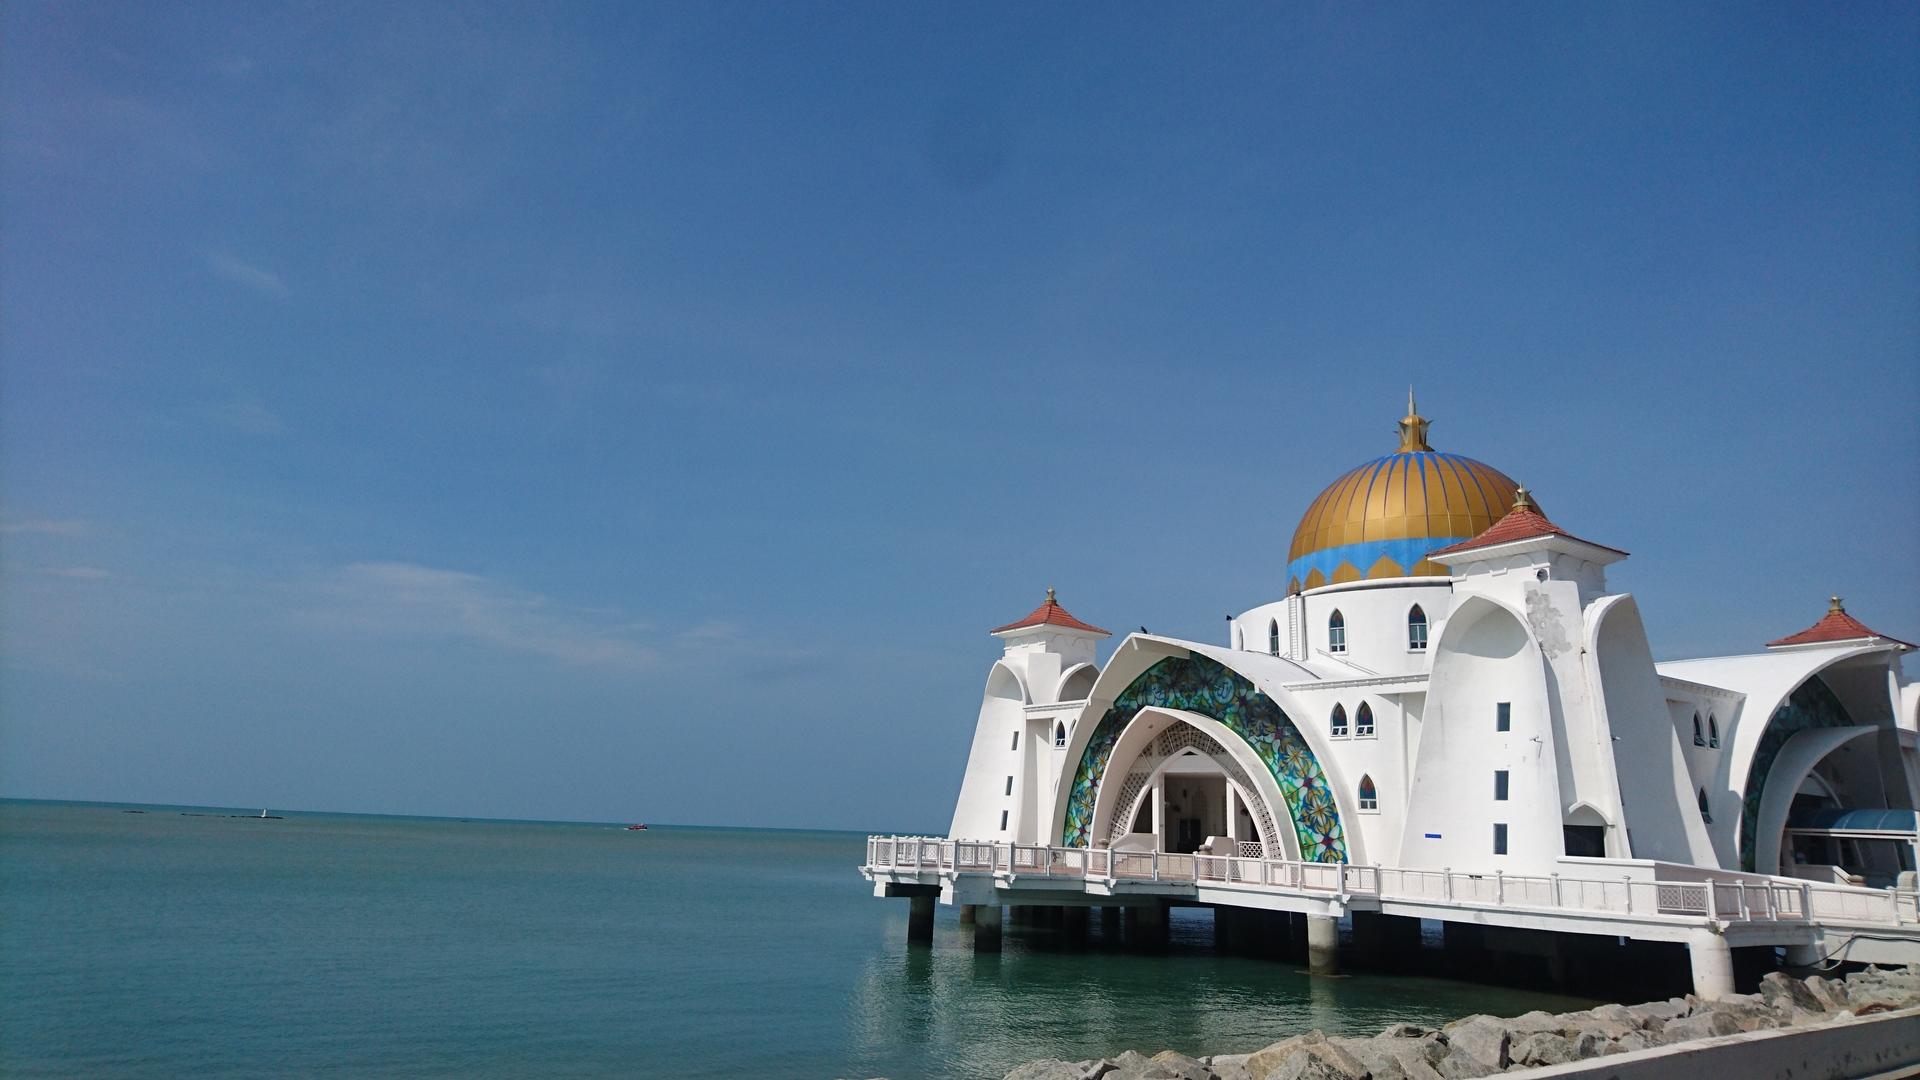 ガイドのエドモンドさんのガイドでマレーシアの国のことや人々の生活、またイスラム教のことなど、沢山学べました。マラッカへはひとりだと行きにくいので、とても助かりました。何よりシングル参加で料金が2倍にならないオプショナルツアーはここだけでした。ありがとうございました❗